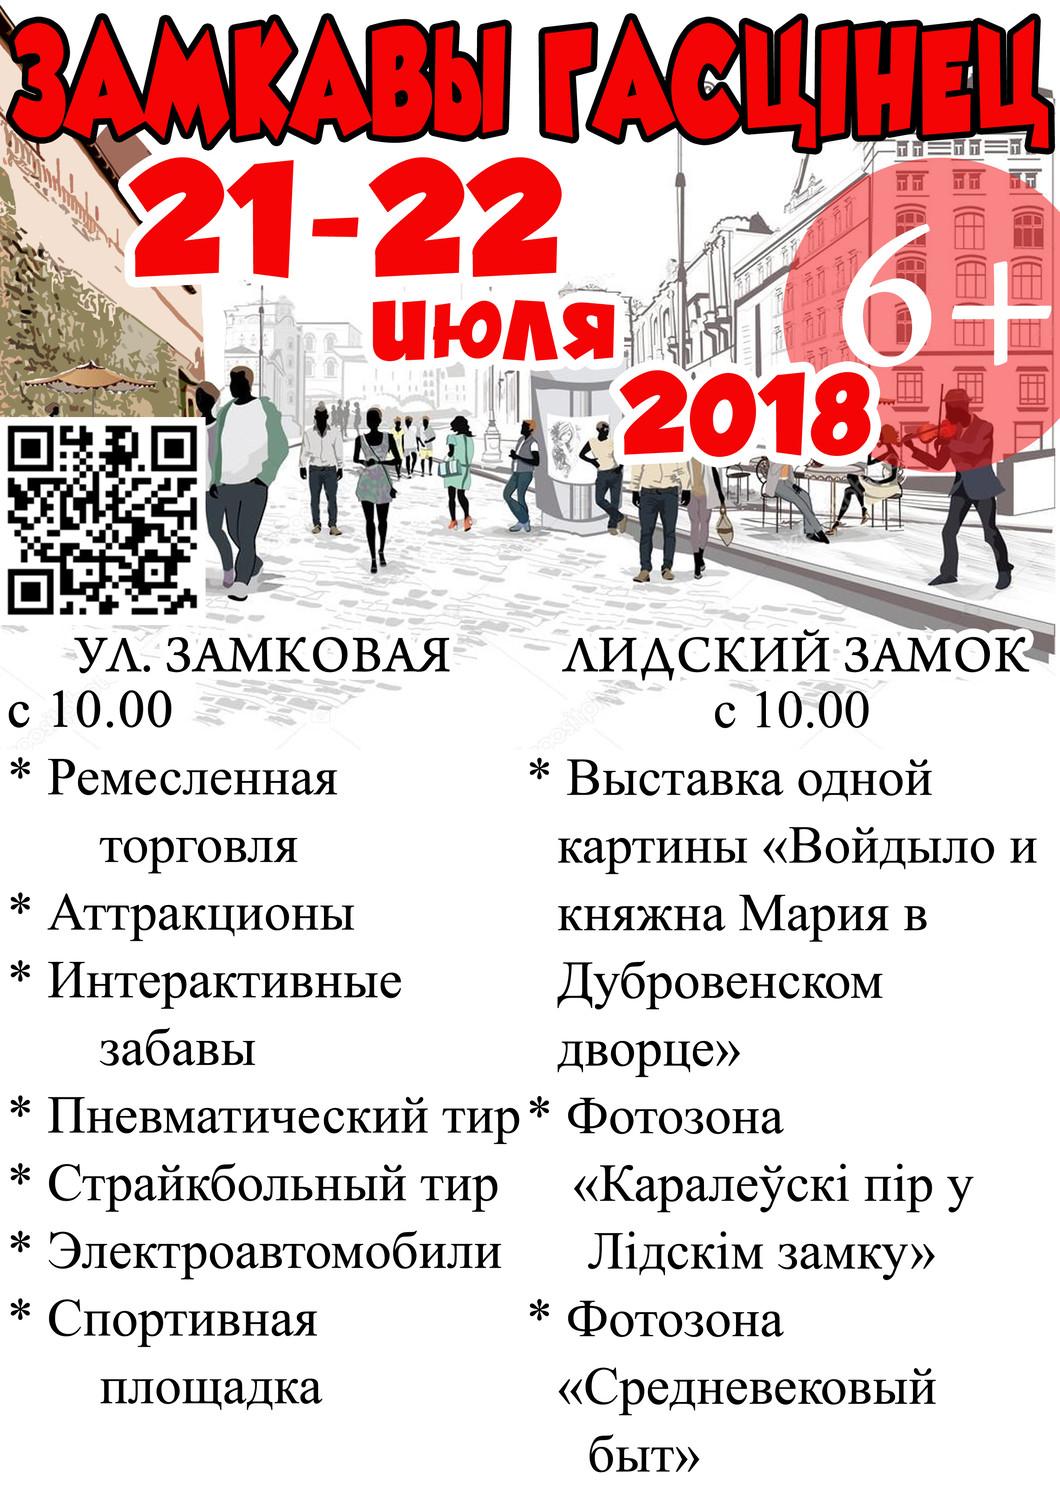 Проект «Замкавы гасцінец» в выходные снова пригласит жителей и гостей нашего города